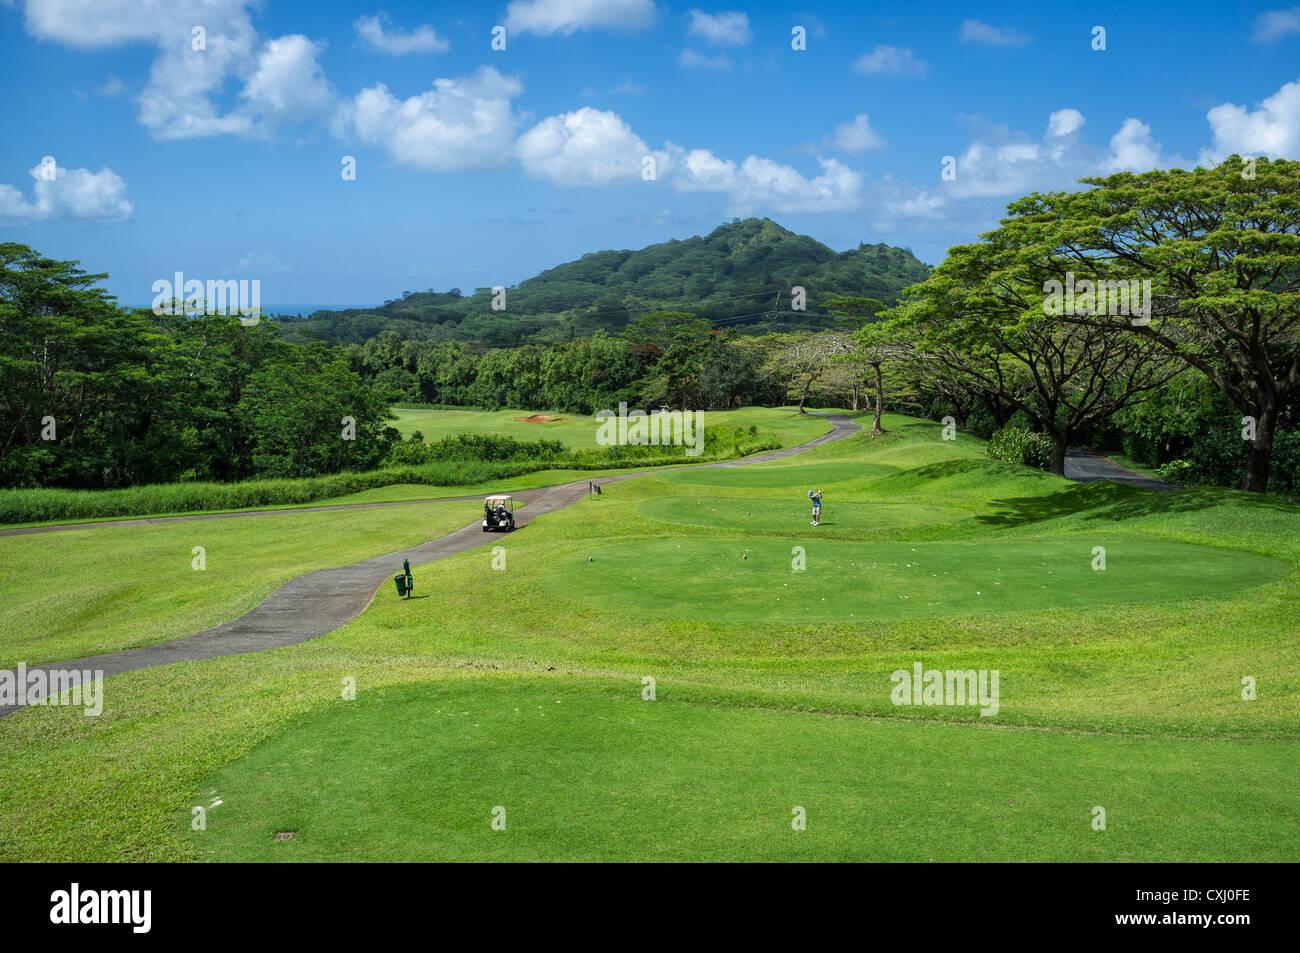 Ko'olau Golf Club près de Plage de Ko'olau à Kaneohe, Hawaii. Photo Stock